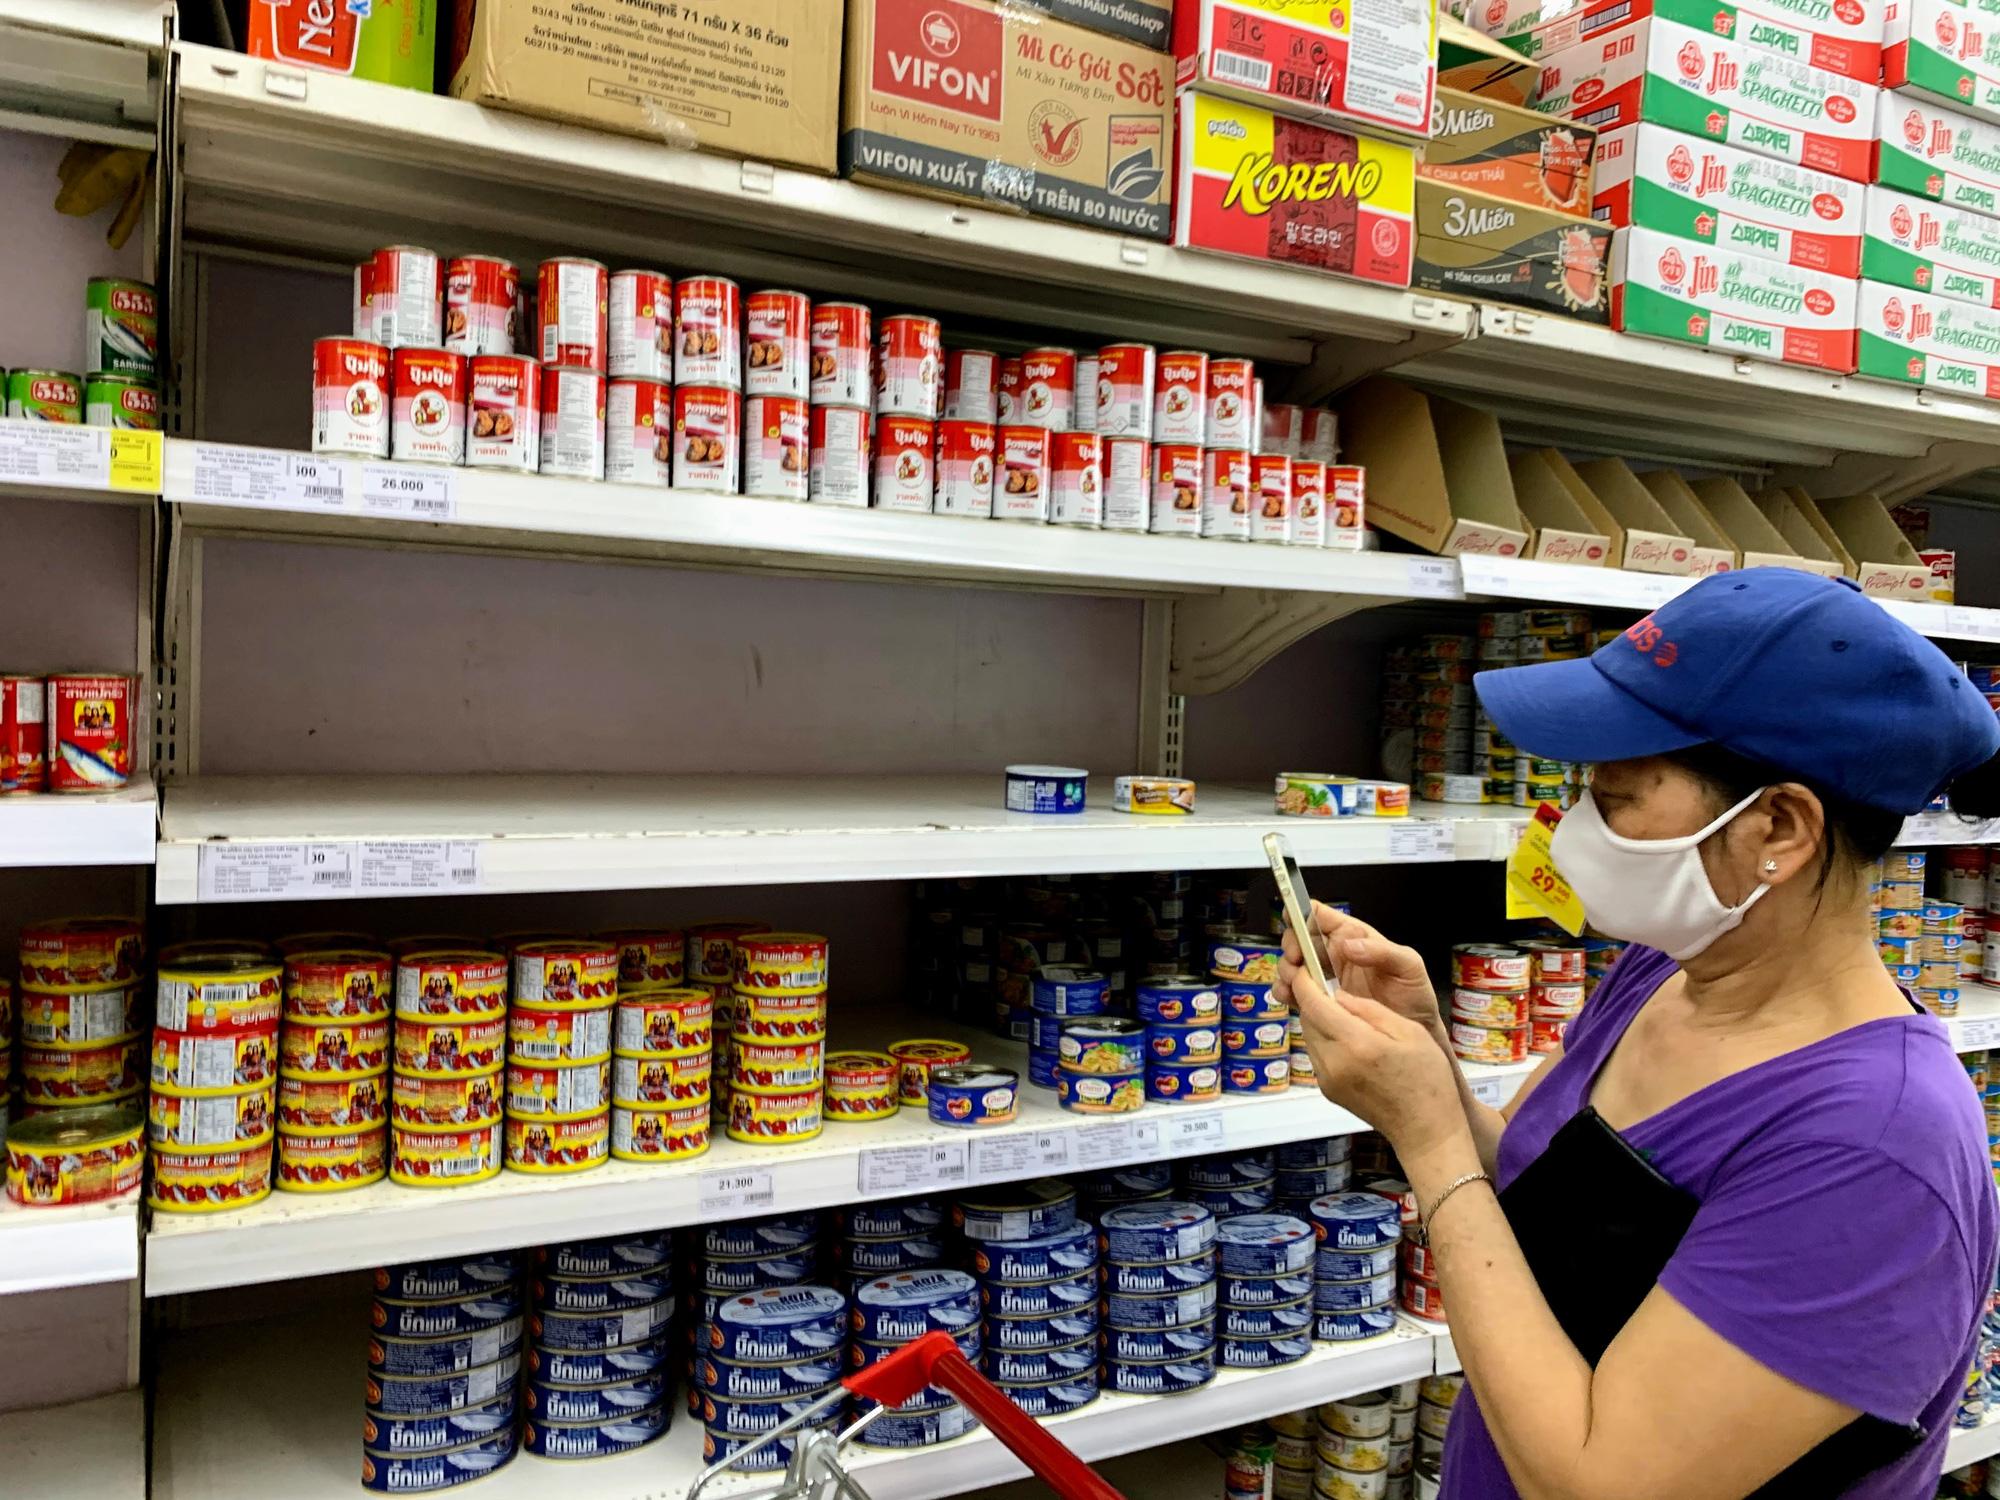 Cận cảnh ngày đầu chống dịch ở Hà Nội: Các cơ sở dịch vụ đóng cửa, siêu thị tiếp tục hoạt động, hàng hoá đầy ăm ắp vắng người mua - Ảnh 12.